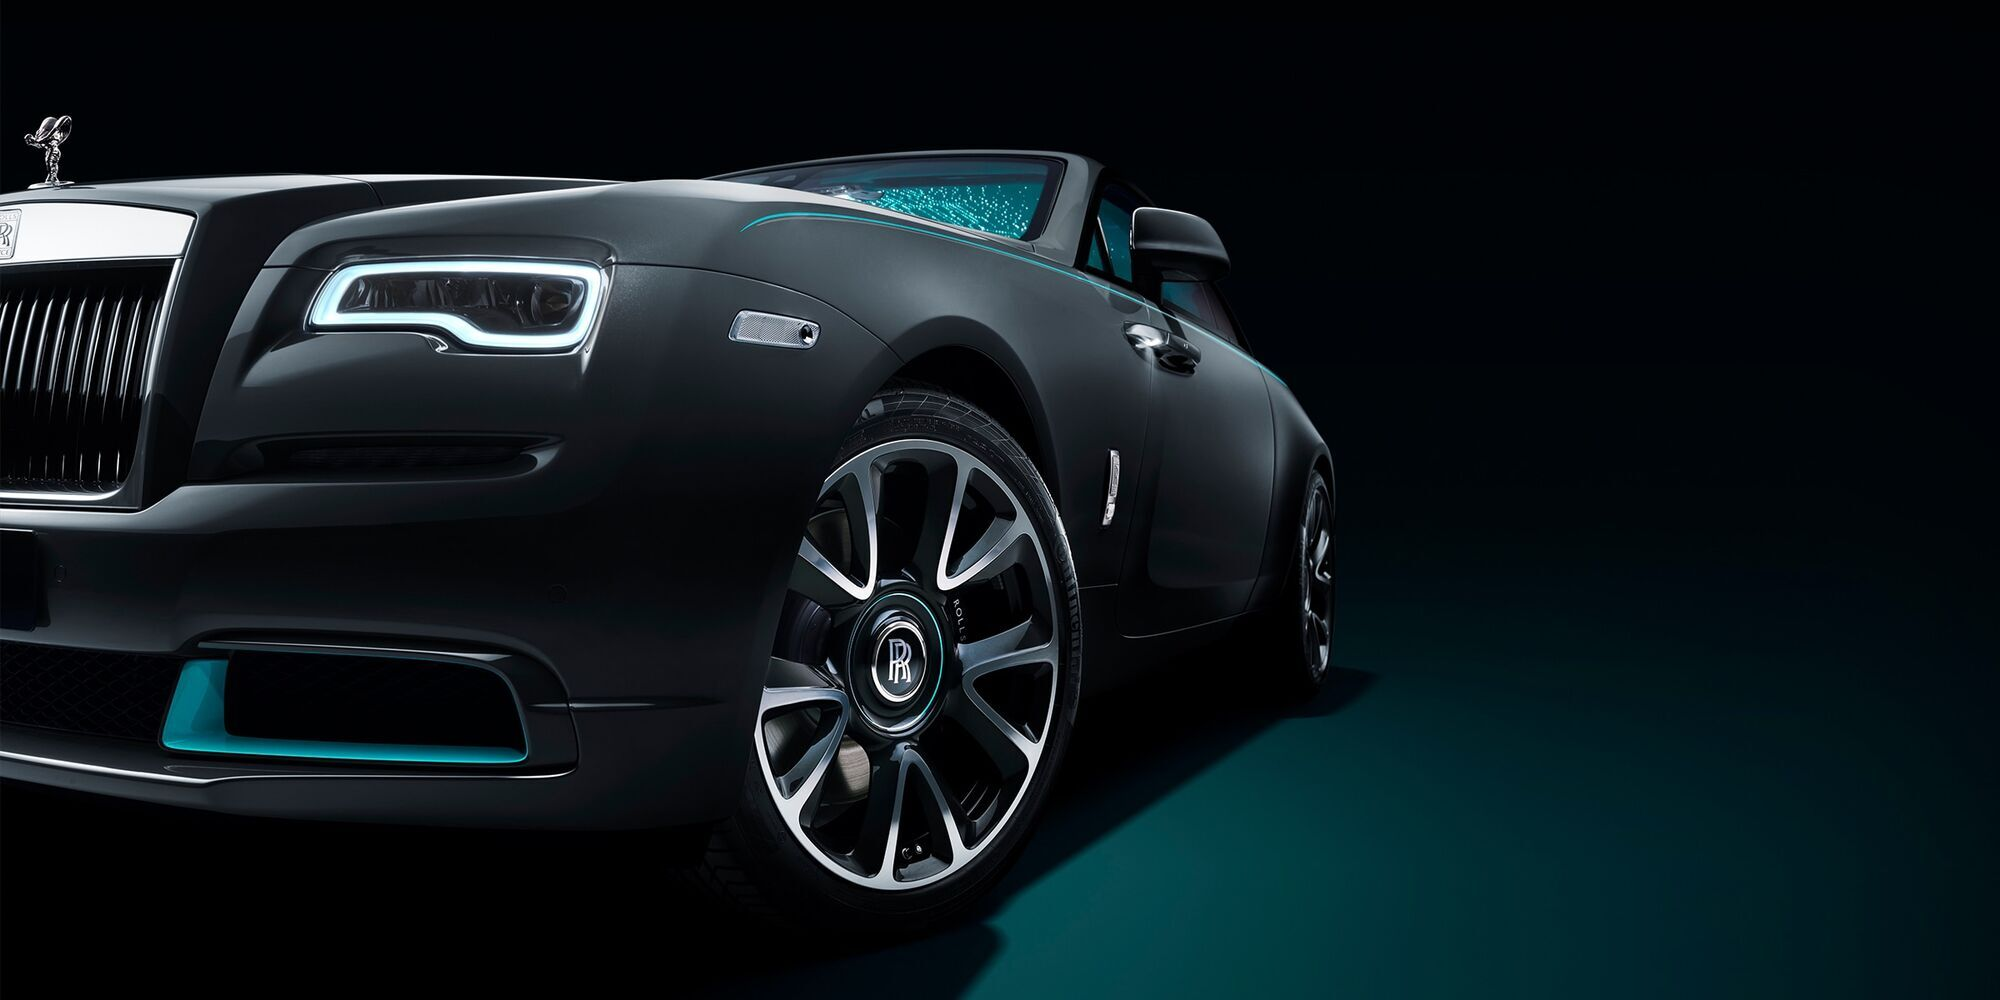 Rolls Royce Wraith – це найпотужніша модель марки